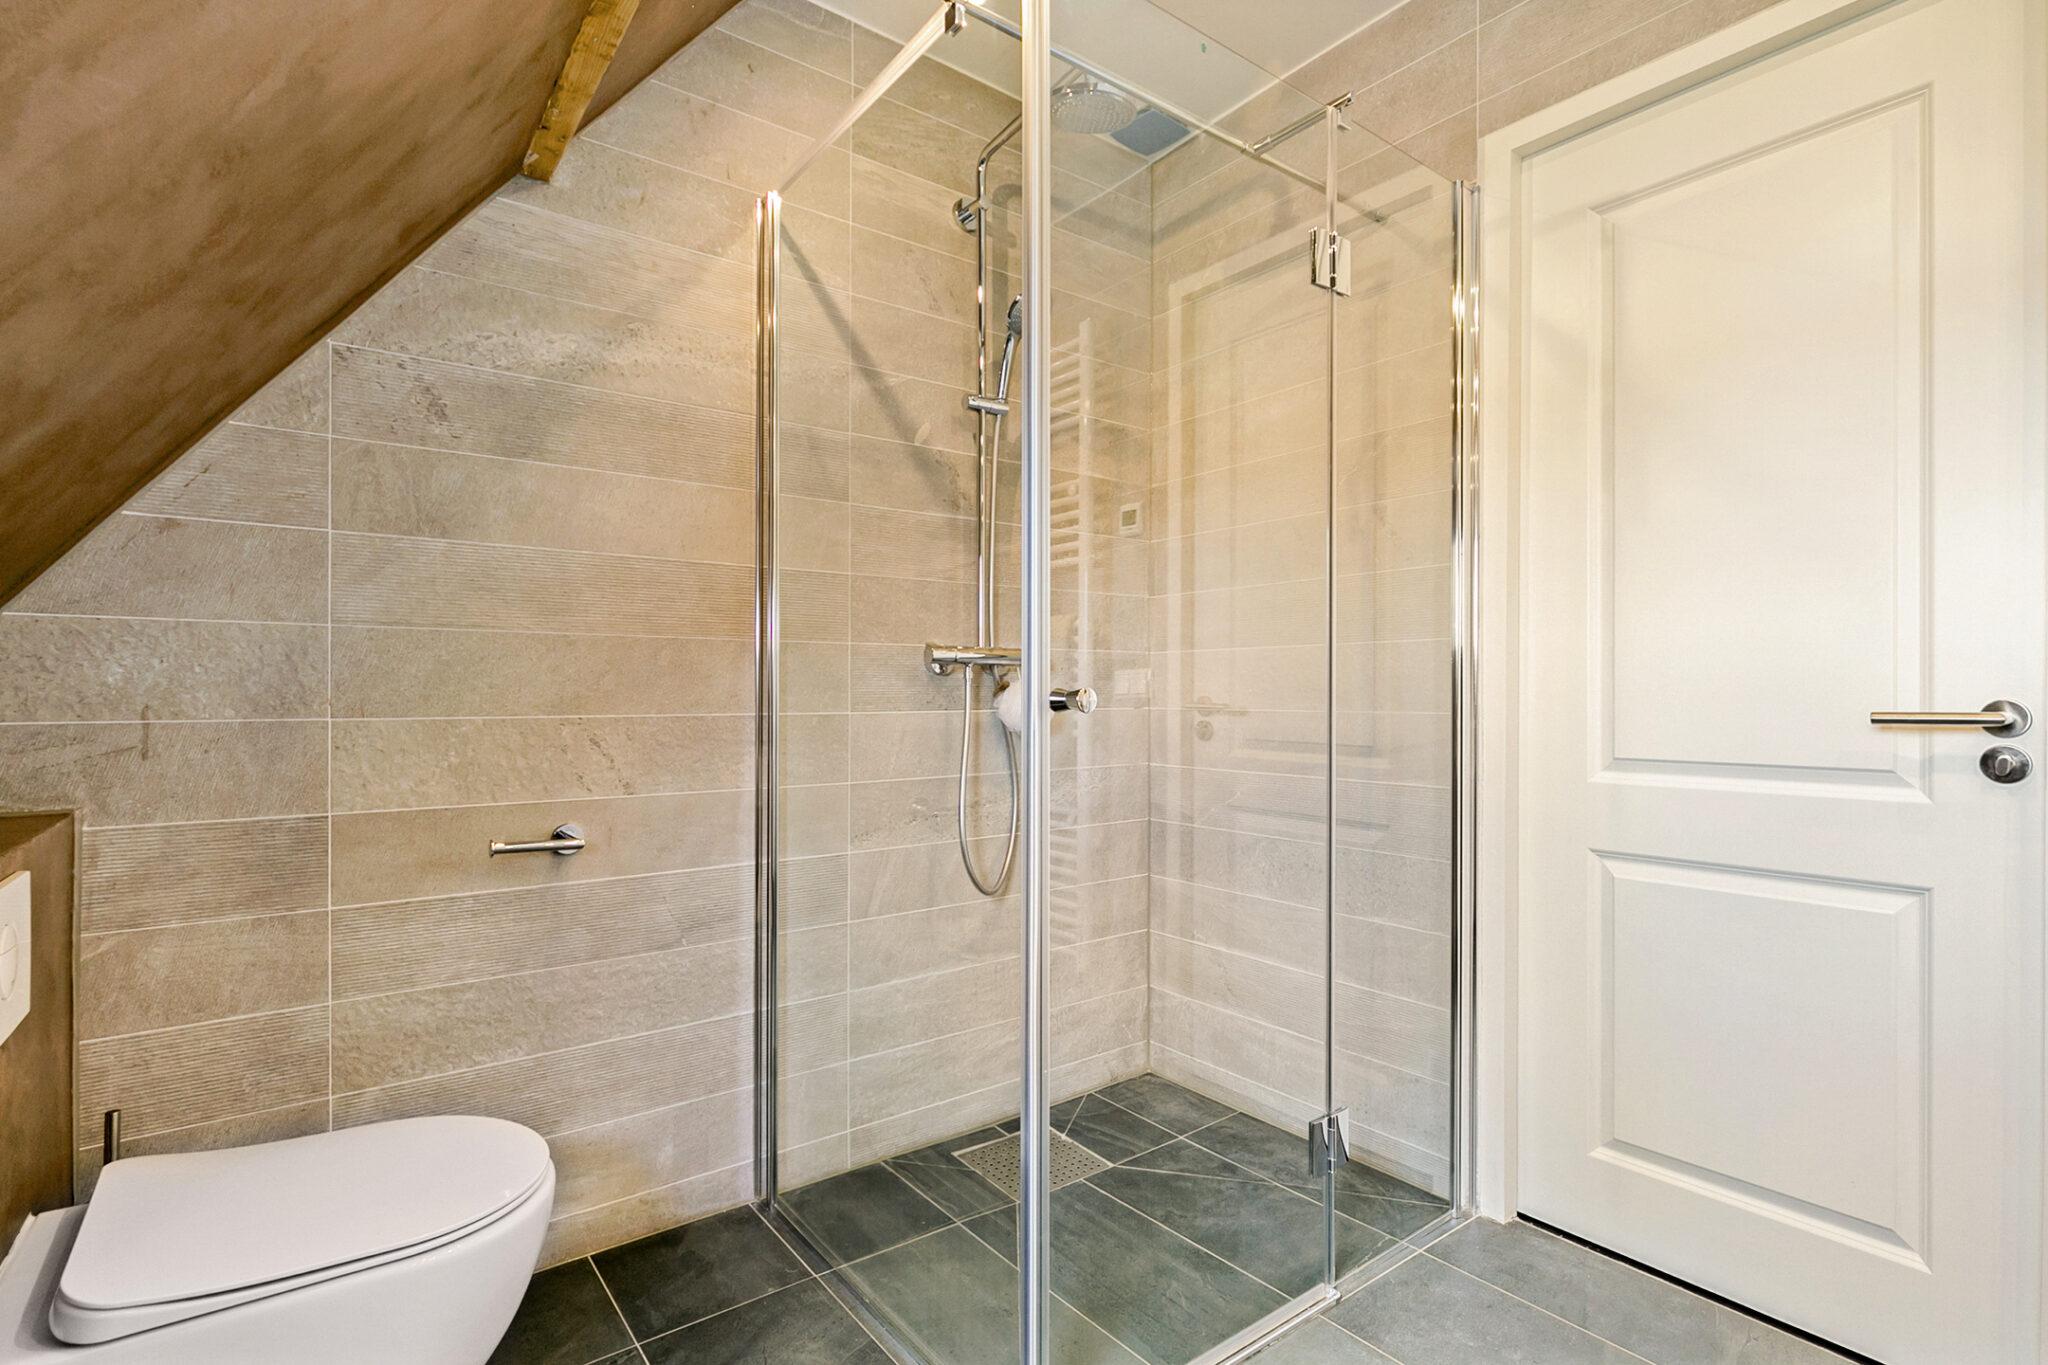 Pieter van Aschstraat 2B badkamer met inloopdouche